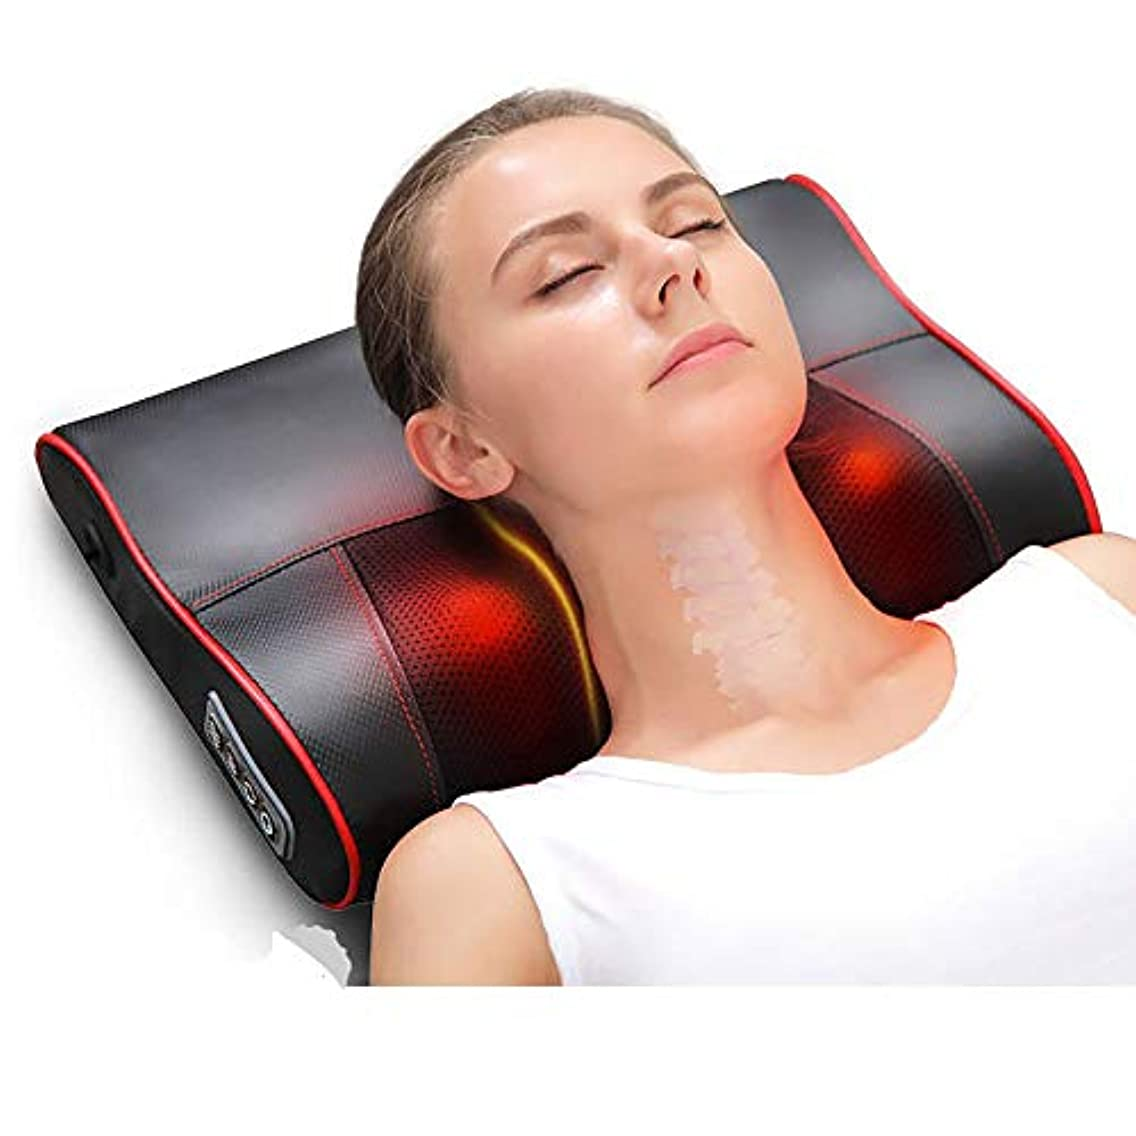 アルプスバックアップ存在首のマッサージの枕、多機能の電気マッサージャーの首のマッサージャーの背部首のマッサージの枕クッションのための背部ふくらはぎの足のフィートの暖房家/オフィス